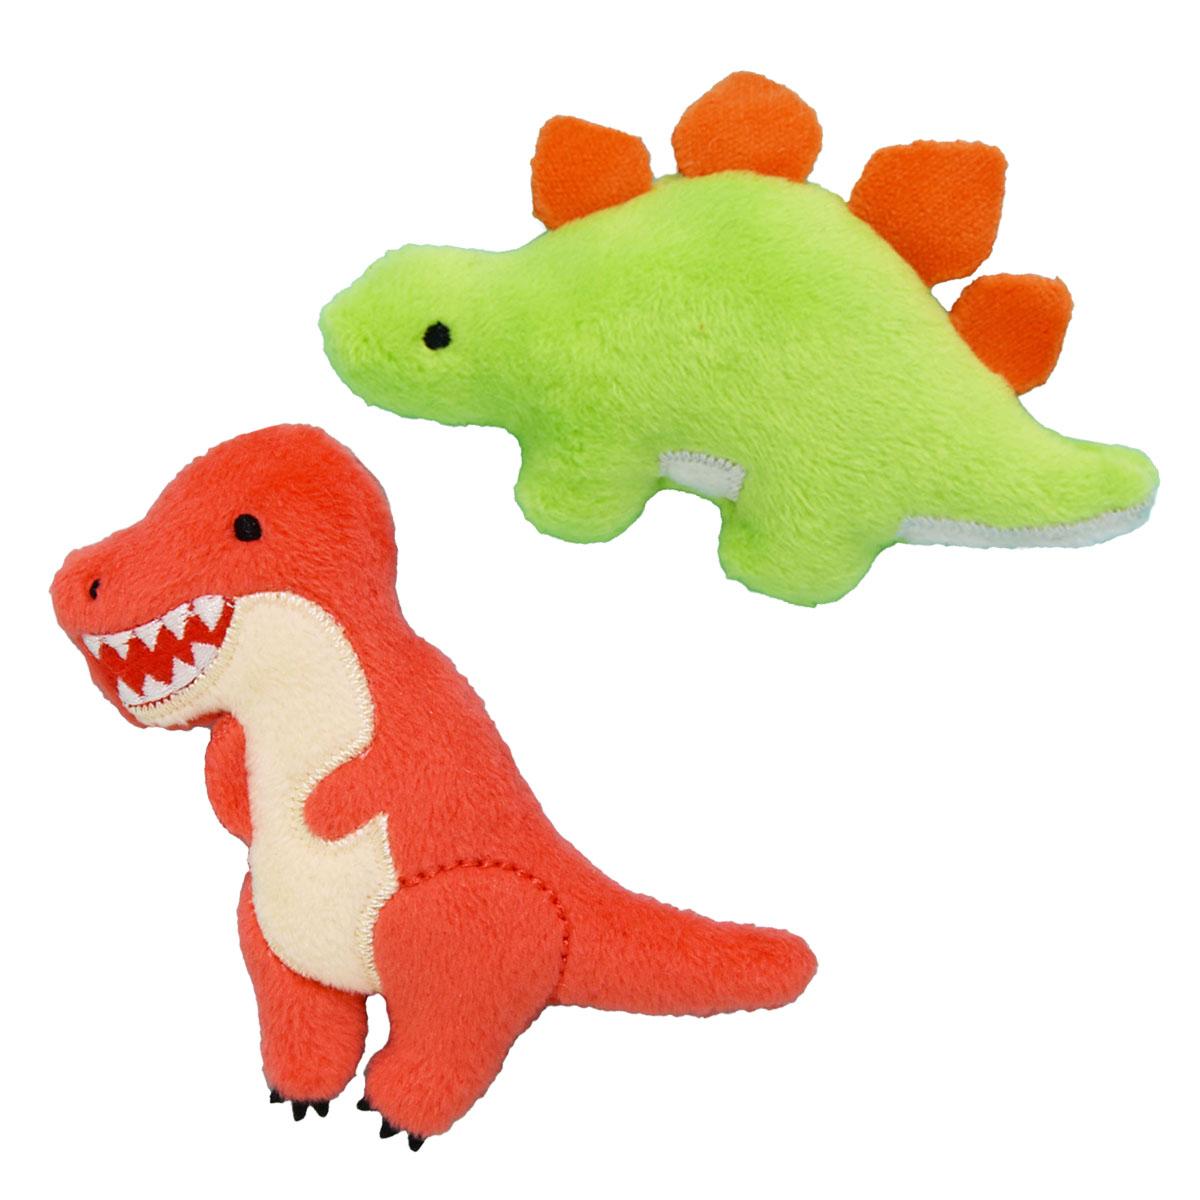 恐竜時代 ぬいぐるみマグネットセット(全身)/Kyoryu-jidai Plush magnet Full-body set:702206,702208